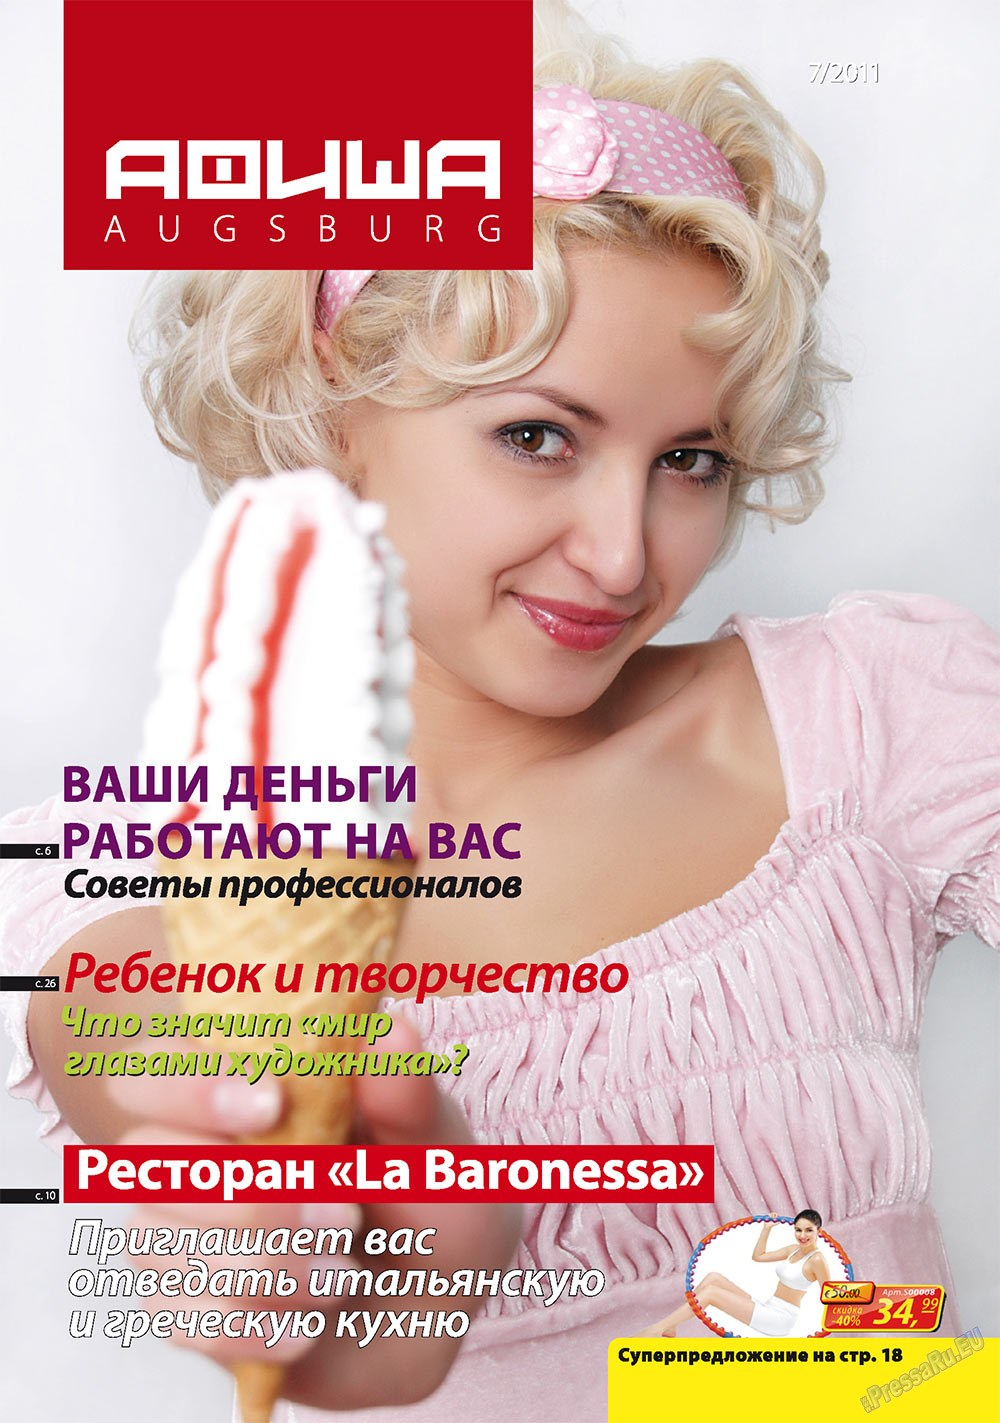 Афиша Augsburg (журнал). 2011 год, номер 7, стр. 1